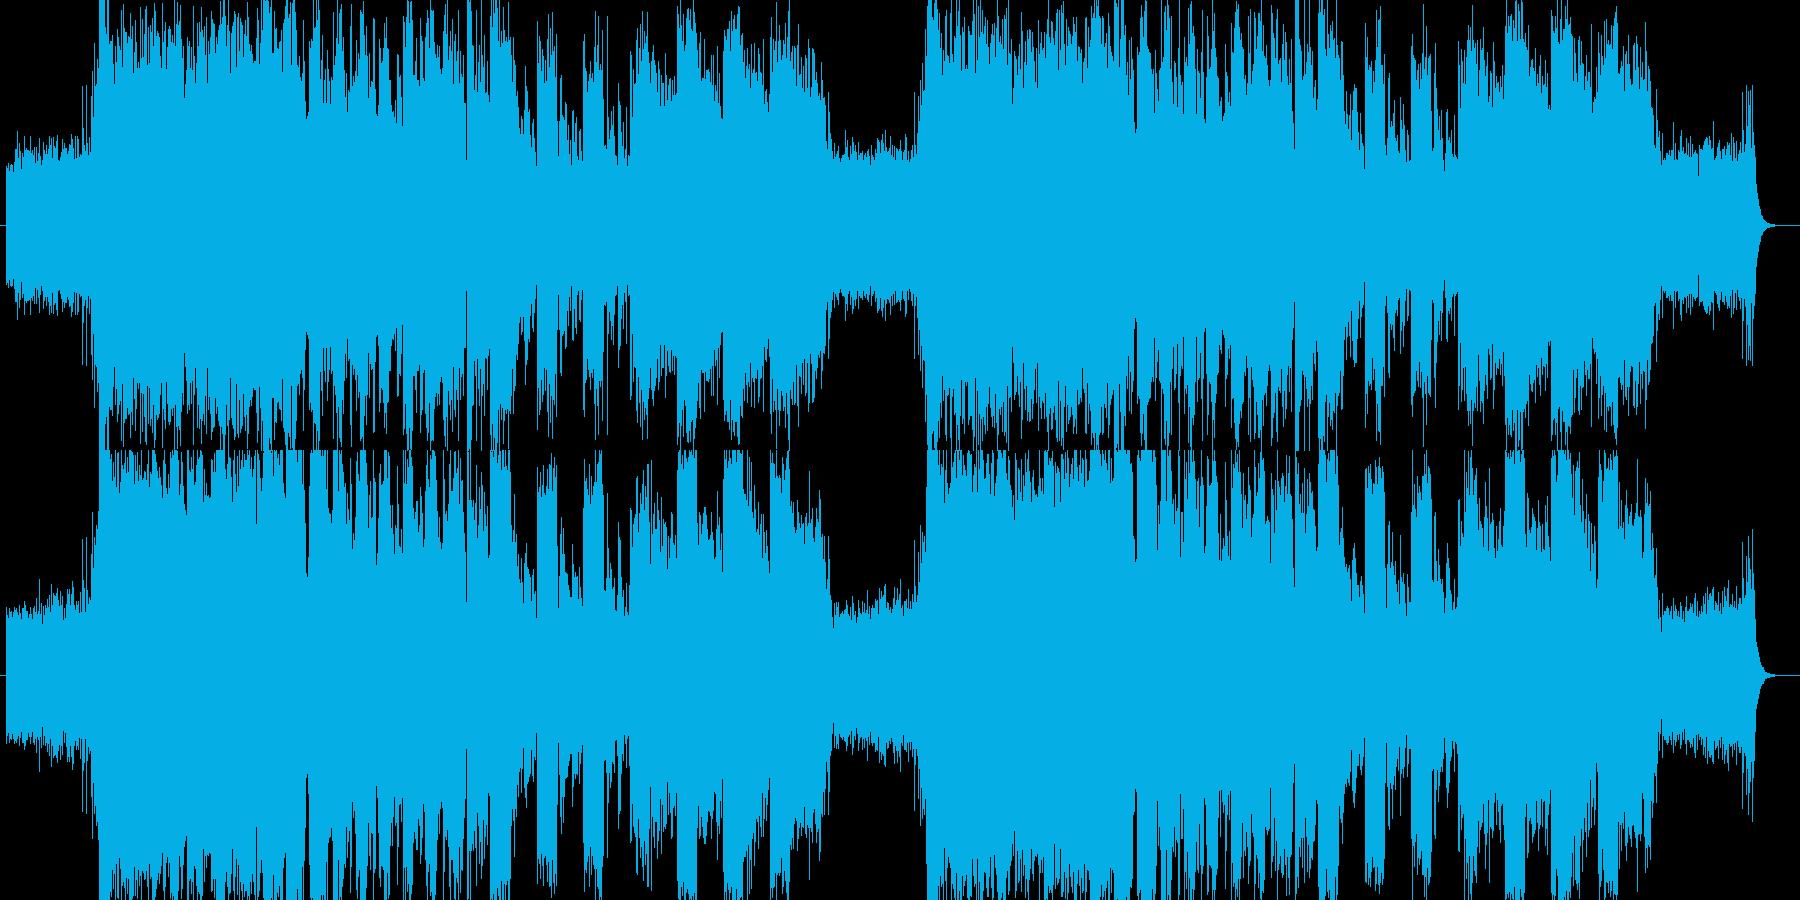 ボスバトル向けの激しいロックの再生済みの波形